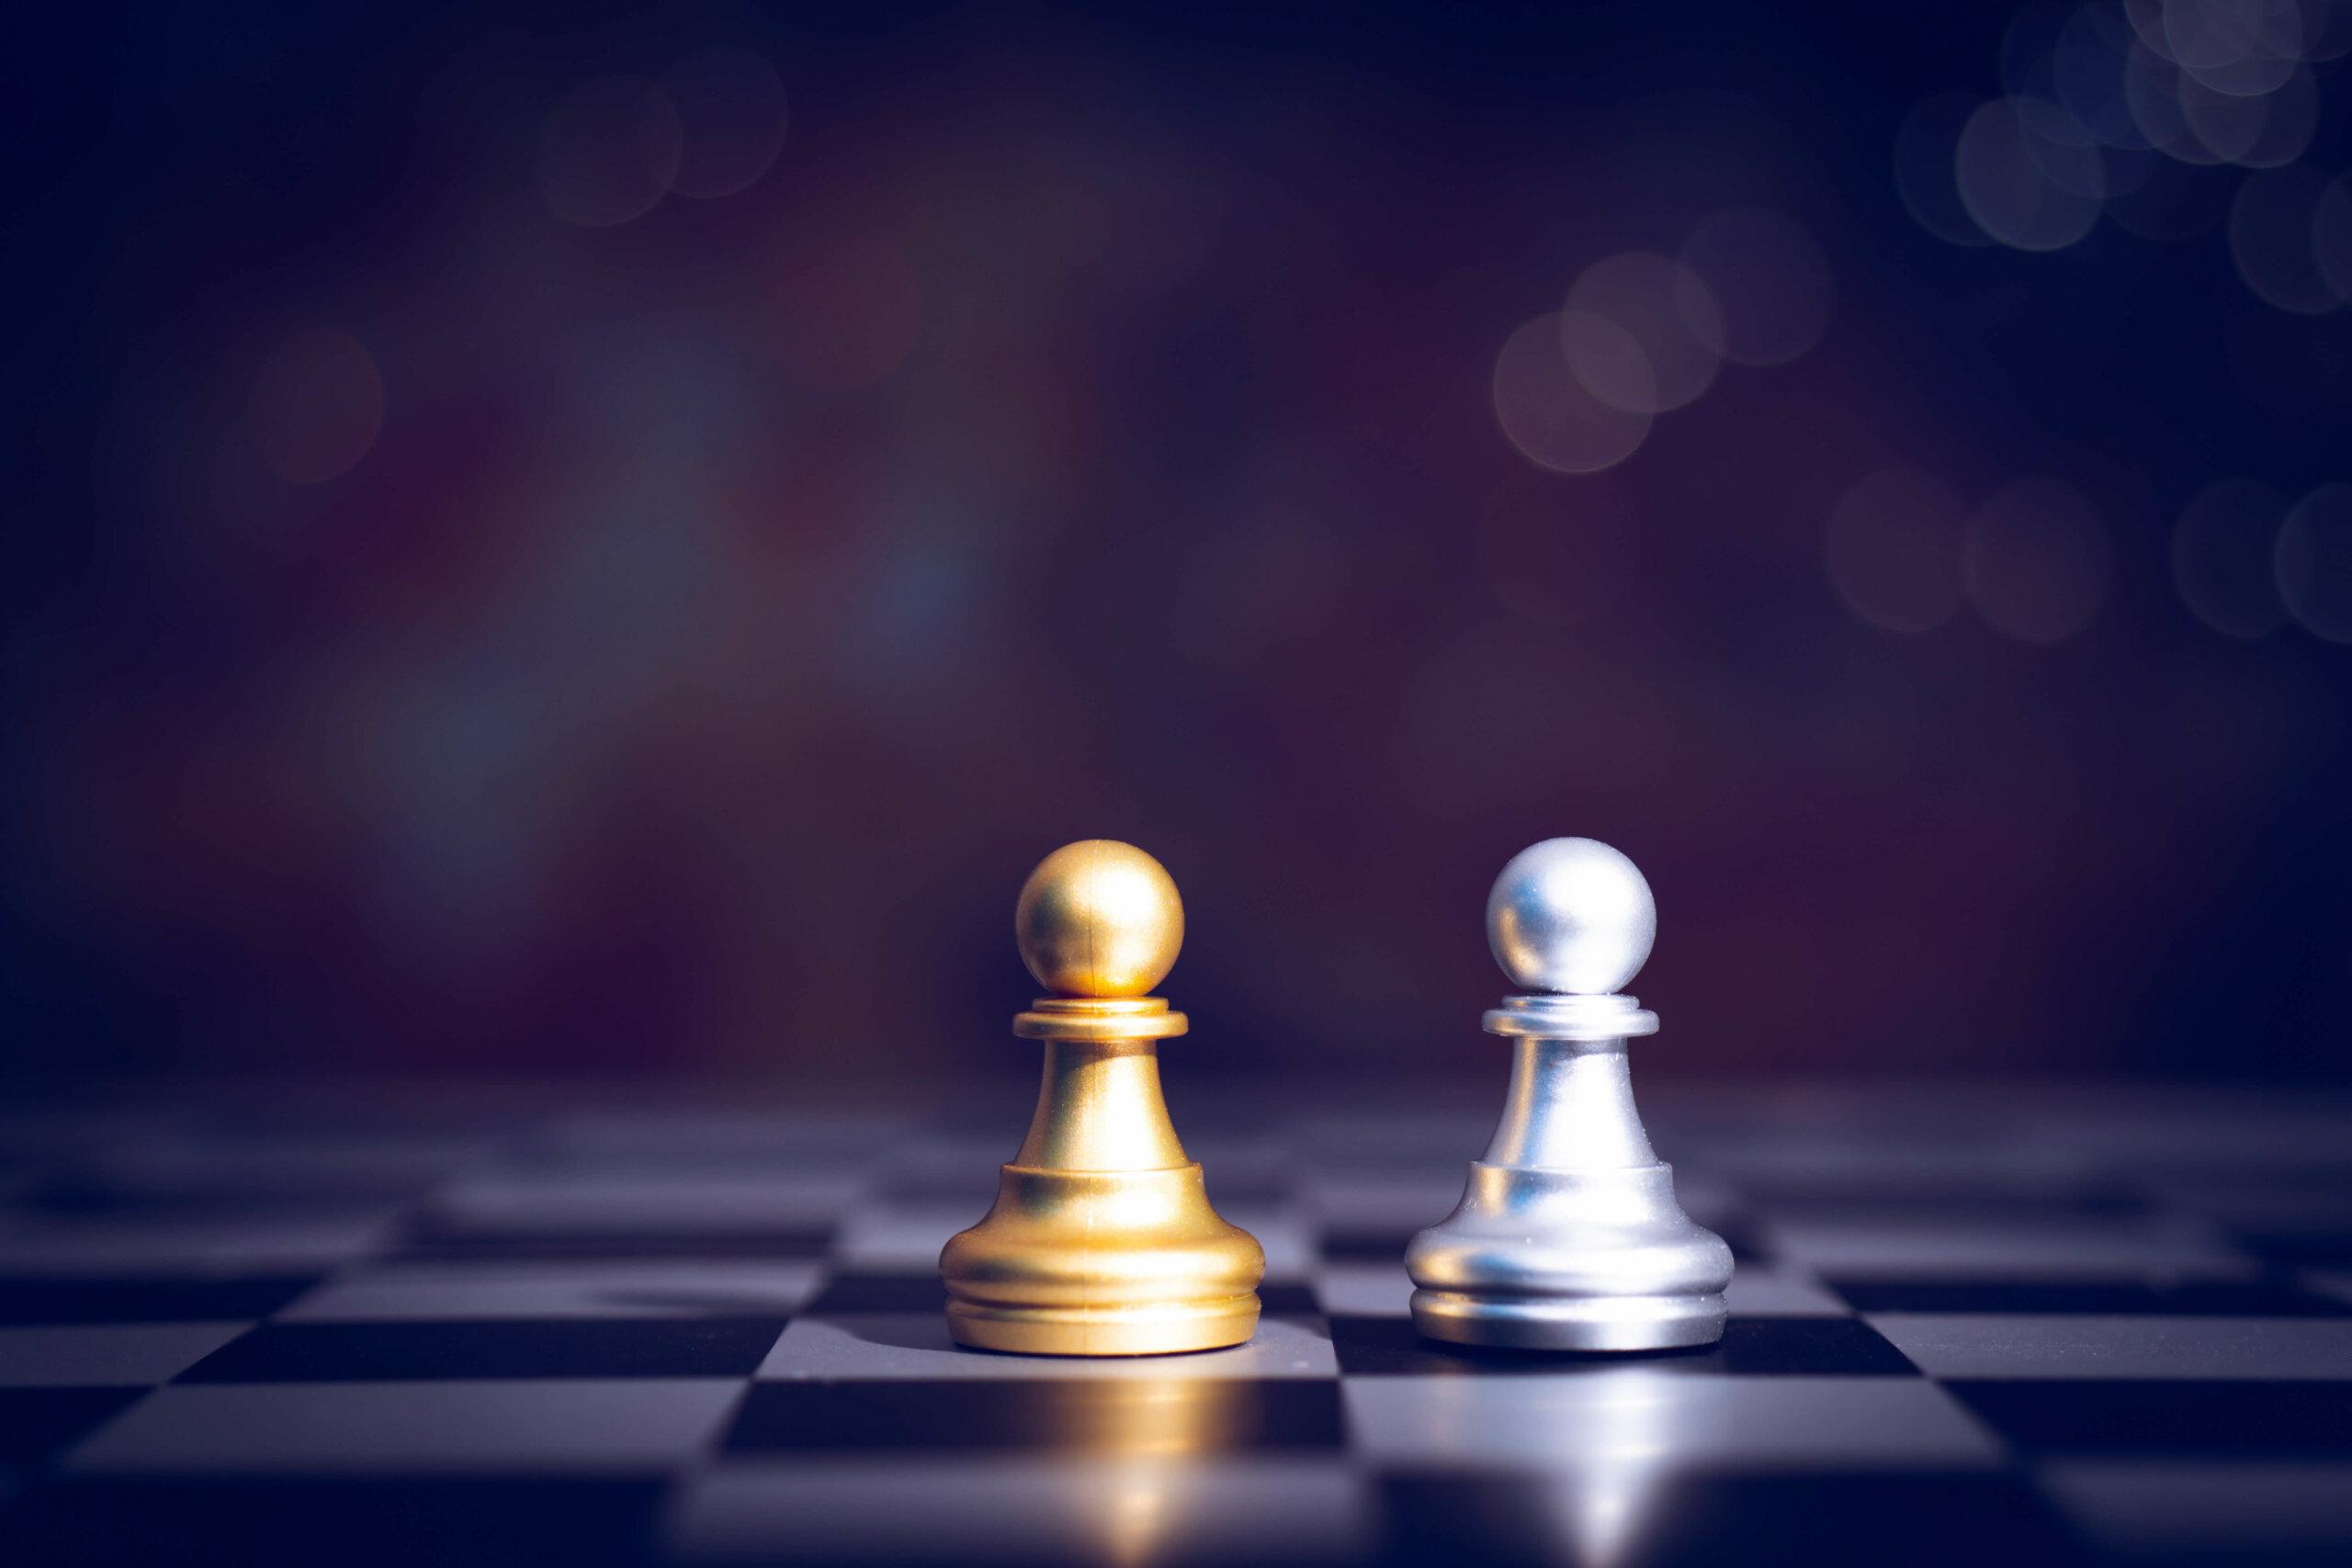 Aus der Masse herausstechen: 3 Kernelemente, die deine Marke braucht